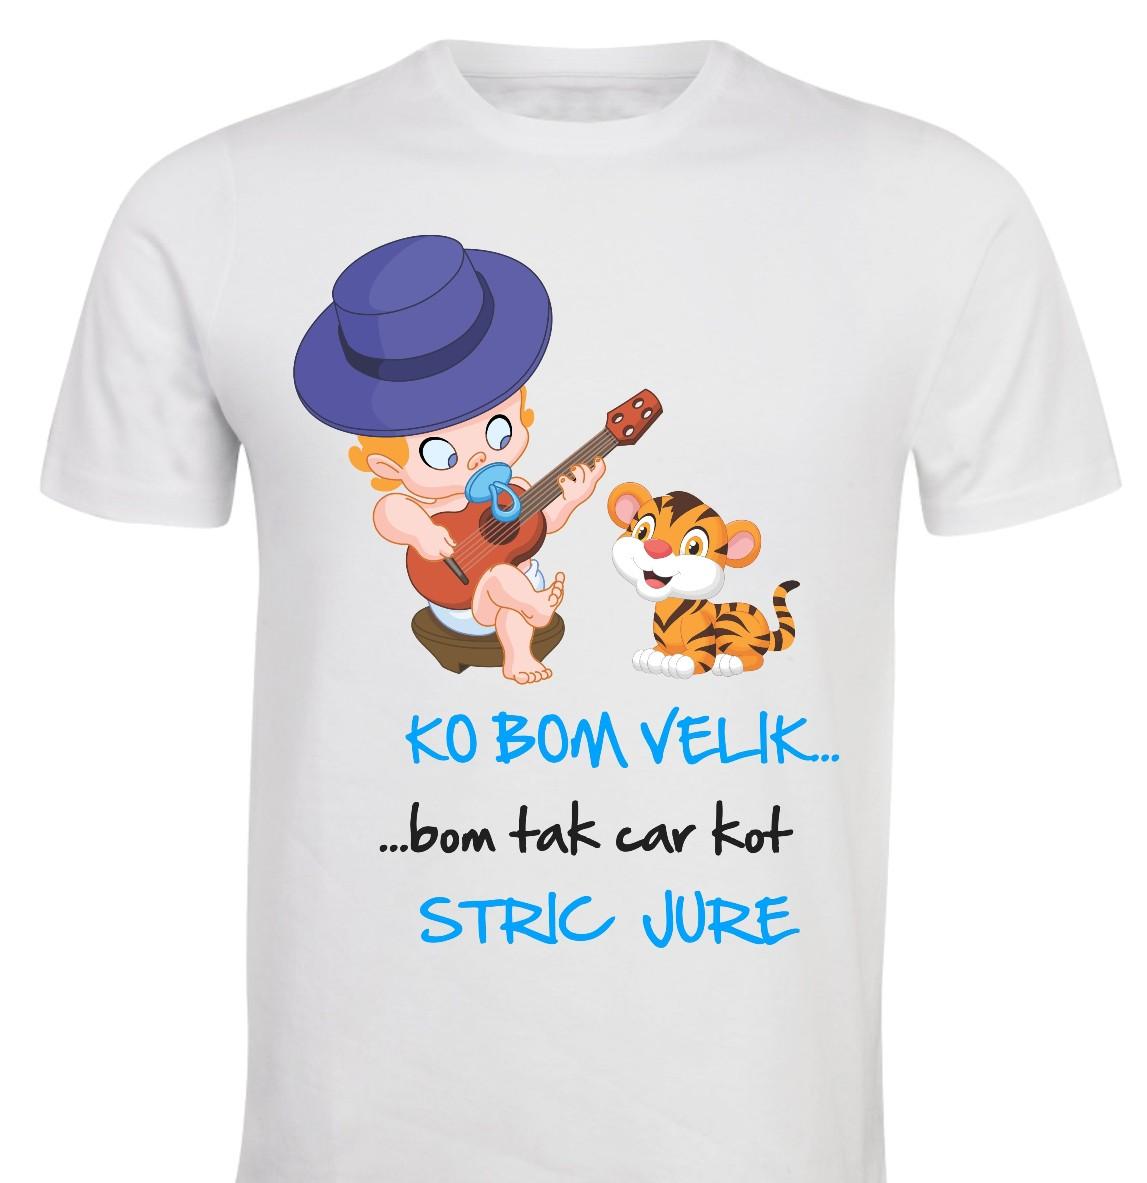 Otroška majica -ko bom velik bom tak car kot...